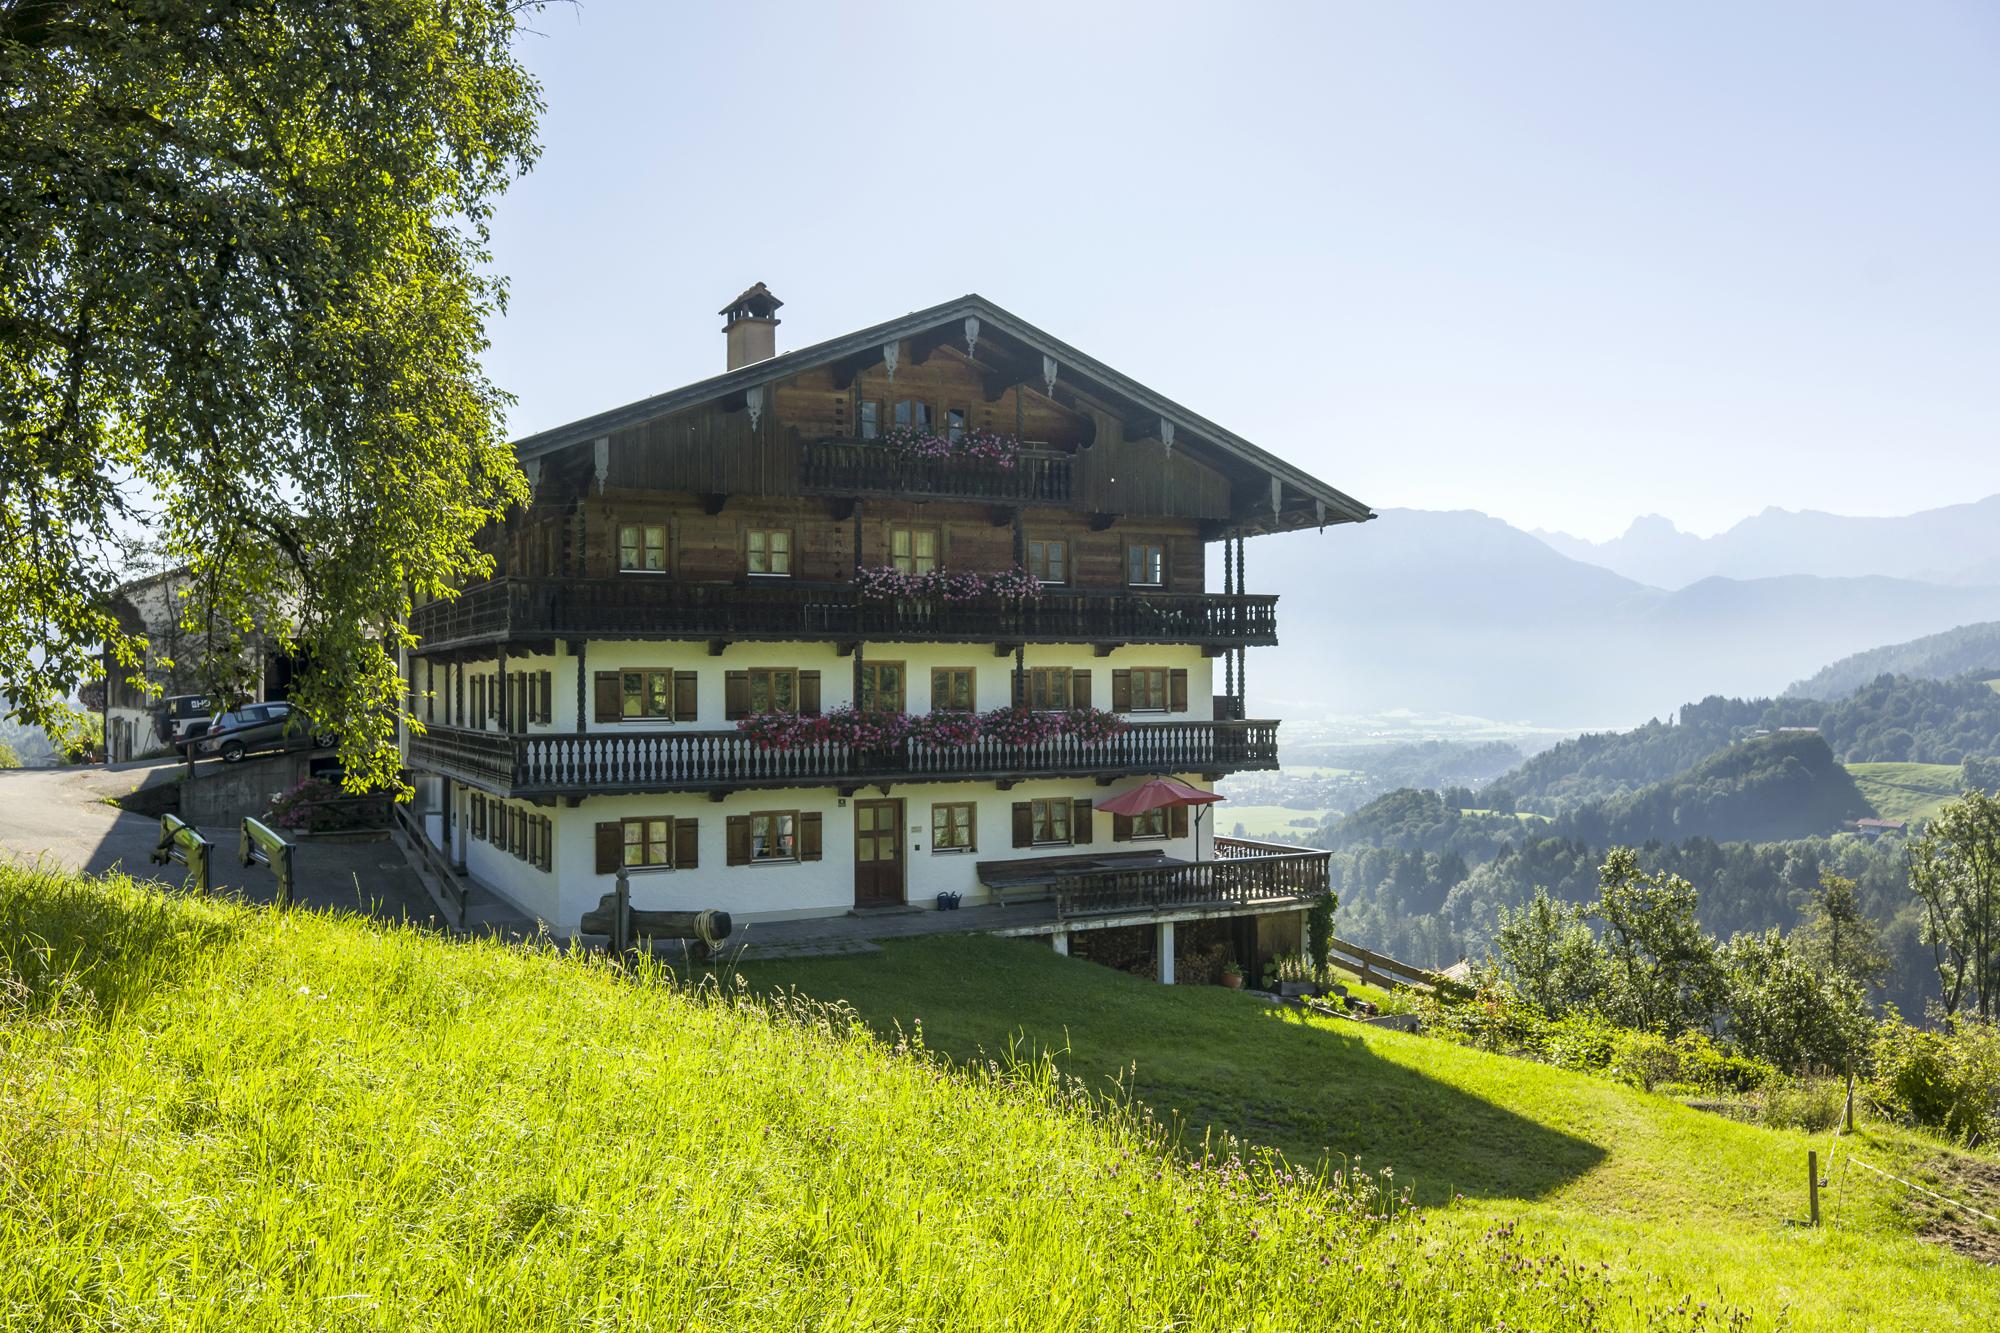 Ferienwohnung Probsthof (DE Oberaudorf). 3-Zimmer Ferienwohnung (711746), Oberaudorf, Chiemgau, Bayern, Deutschland, Bild 1